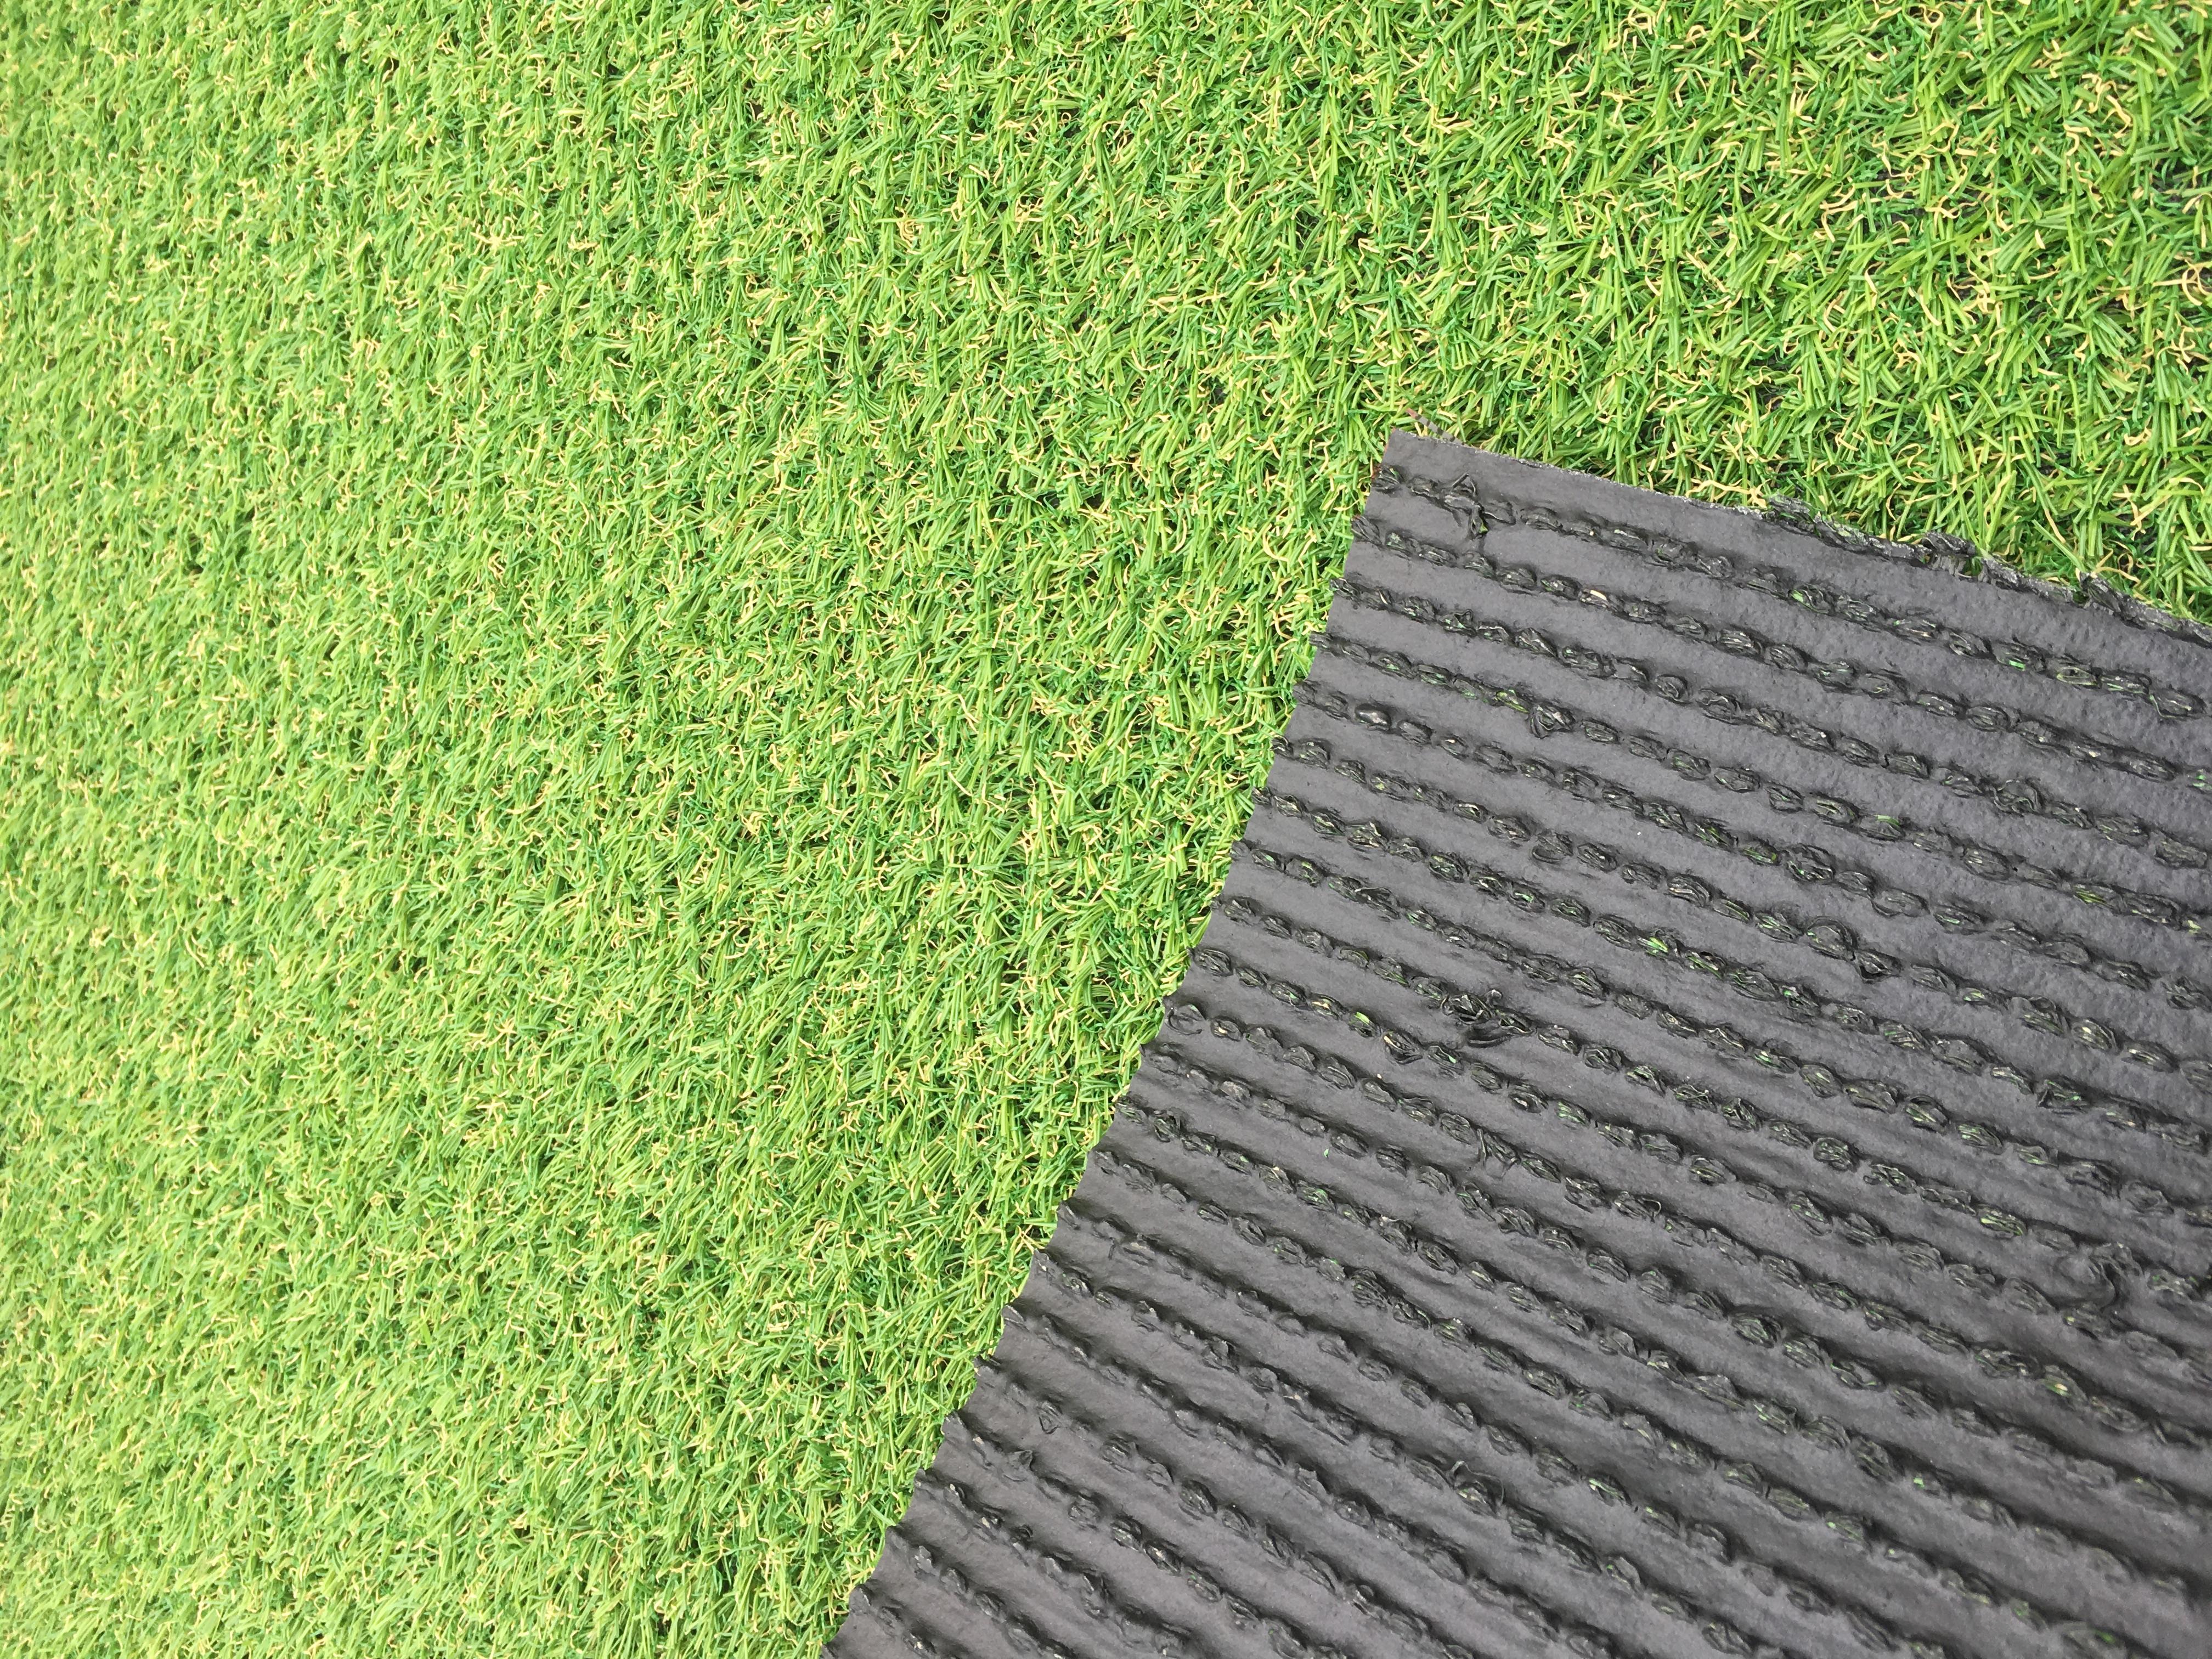 Covor Iarba Artificiala, Tip Gazon, Verde, Natura, 100% Polipropilena, 10 mm, 200x400 cm 3